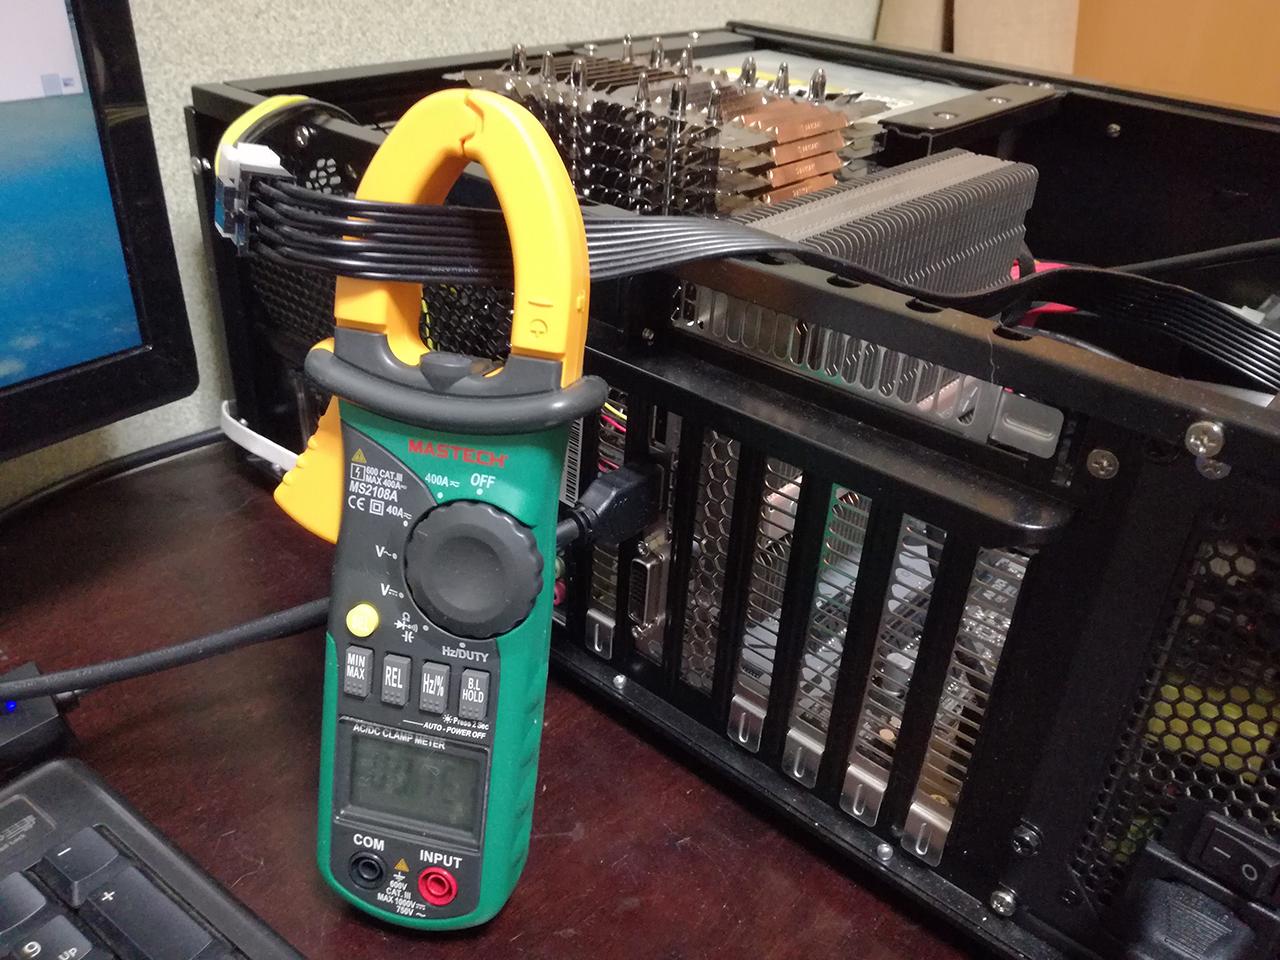 第8世代「Core」プロセッサ「Core i5-8400」の実力を測る